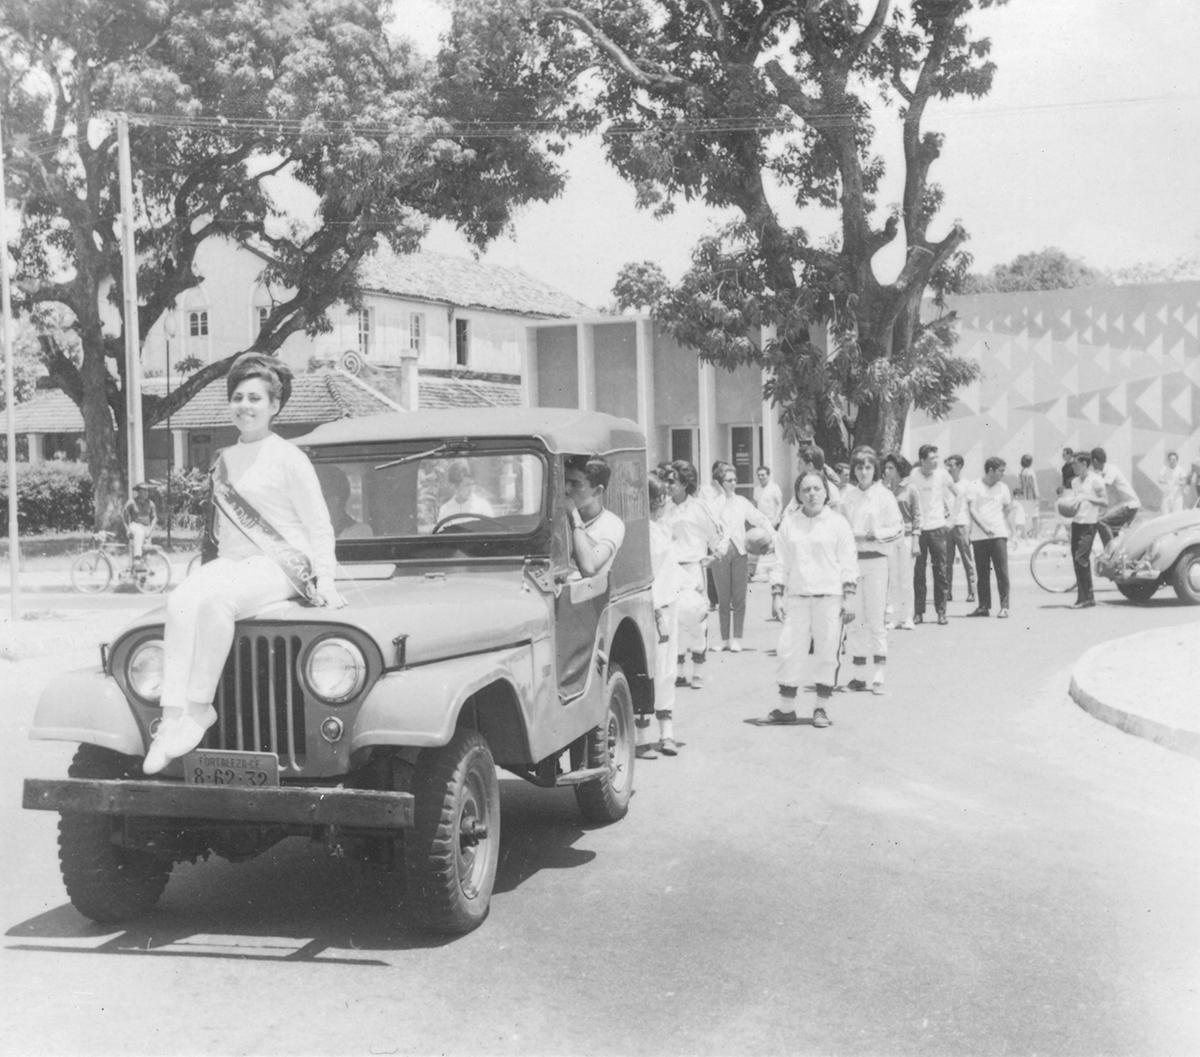 Abertura dos VII Jogos Universitários, 1965. Os Jogos Universitários eram precedidos por um desfile das equipes participantes pela cidade.